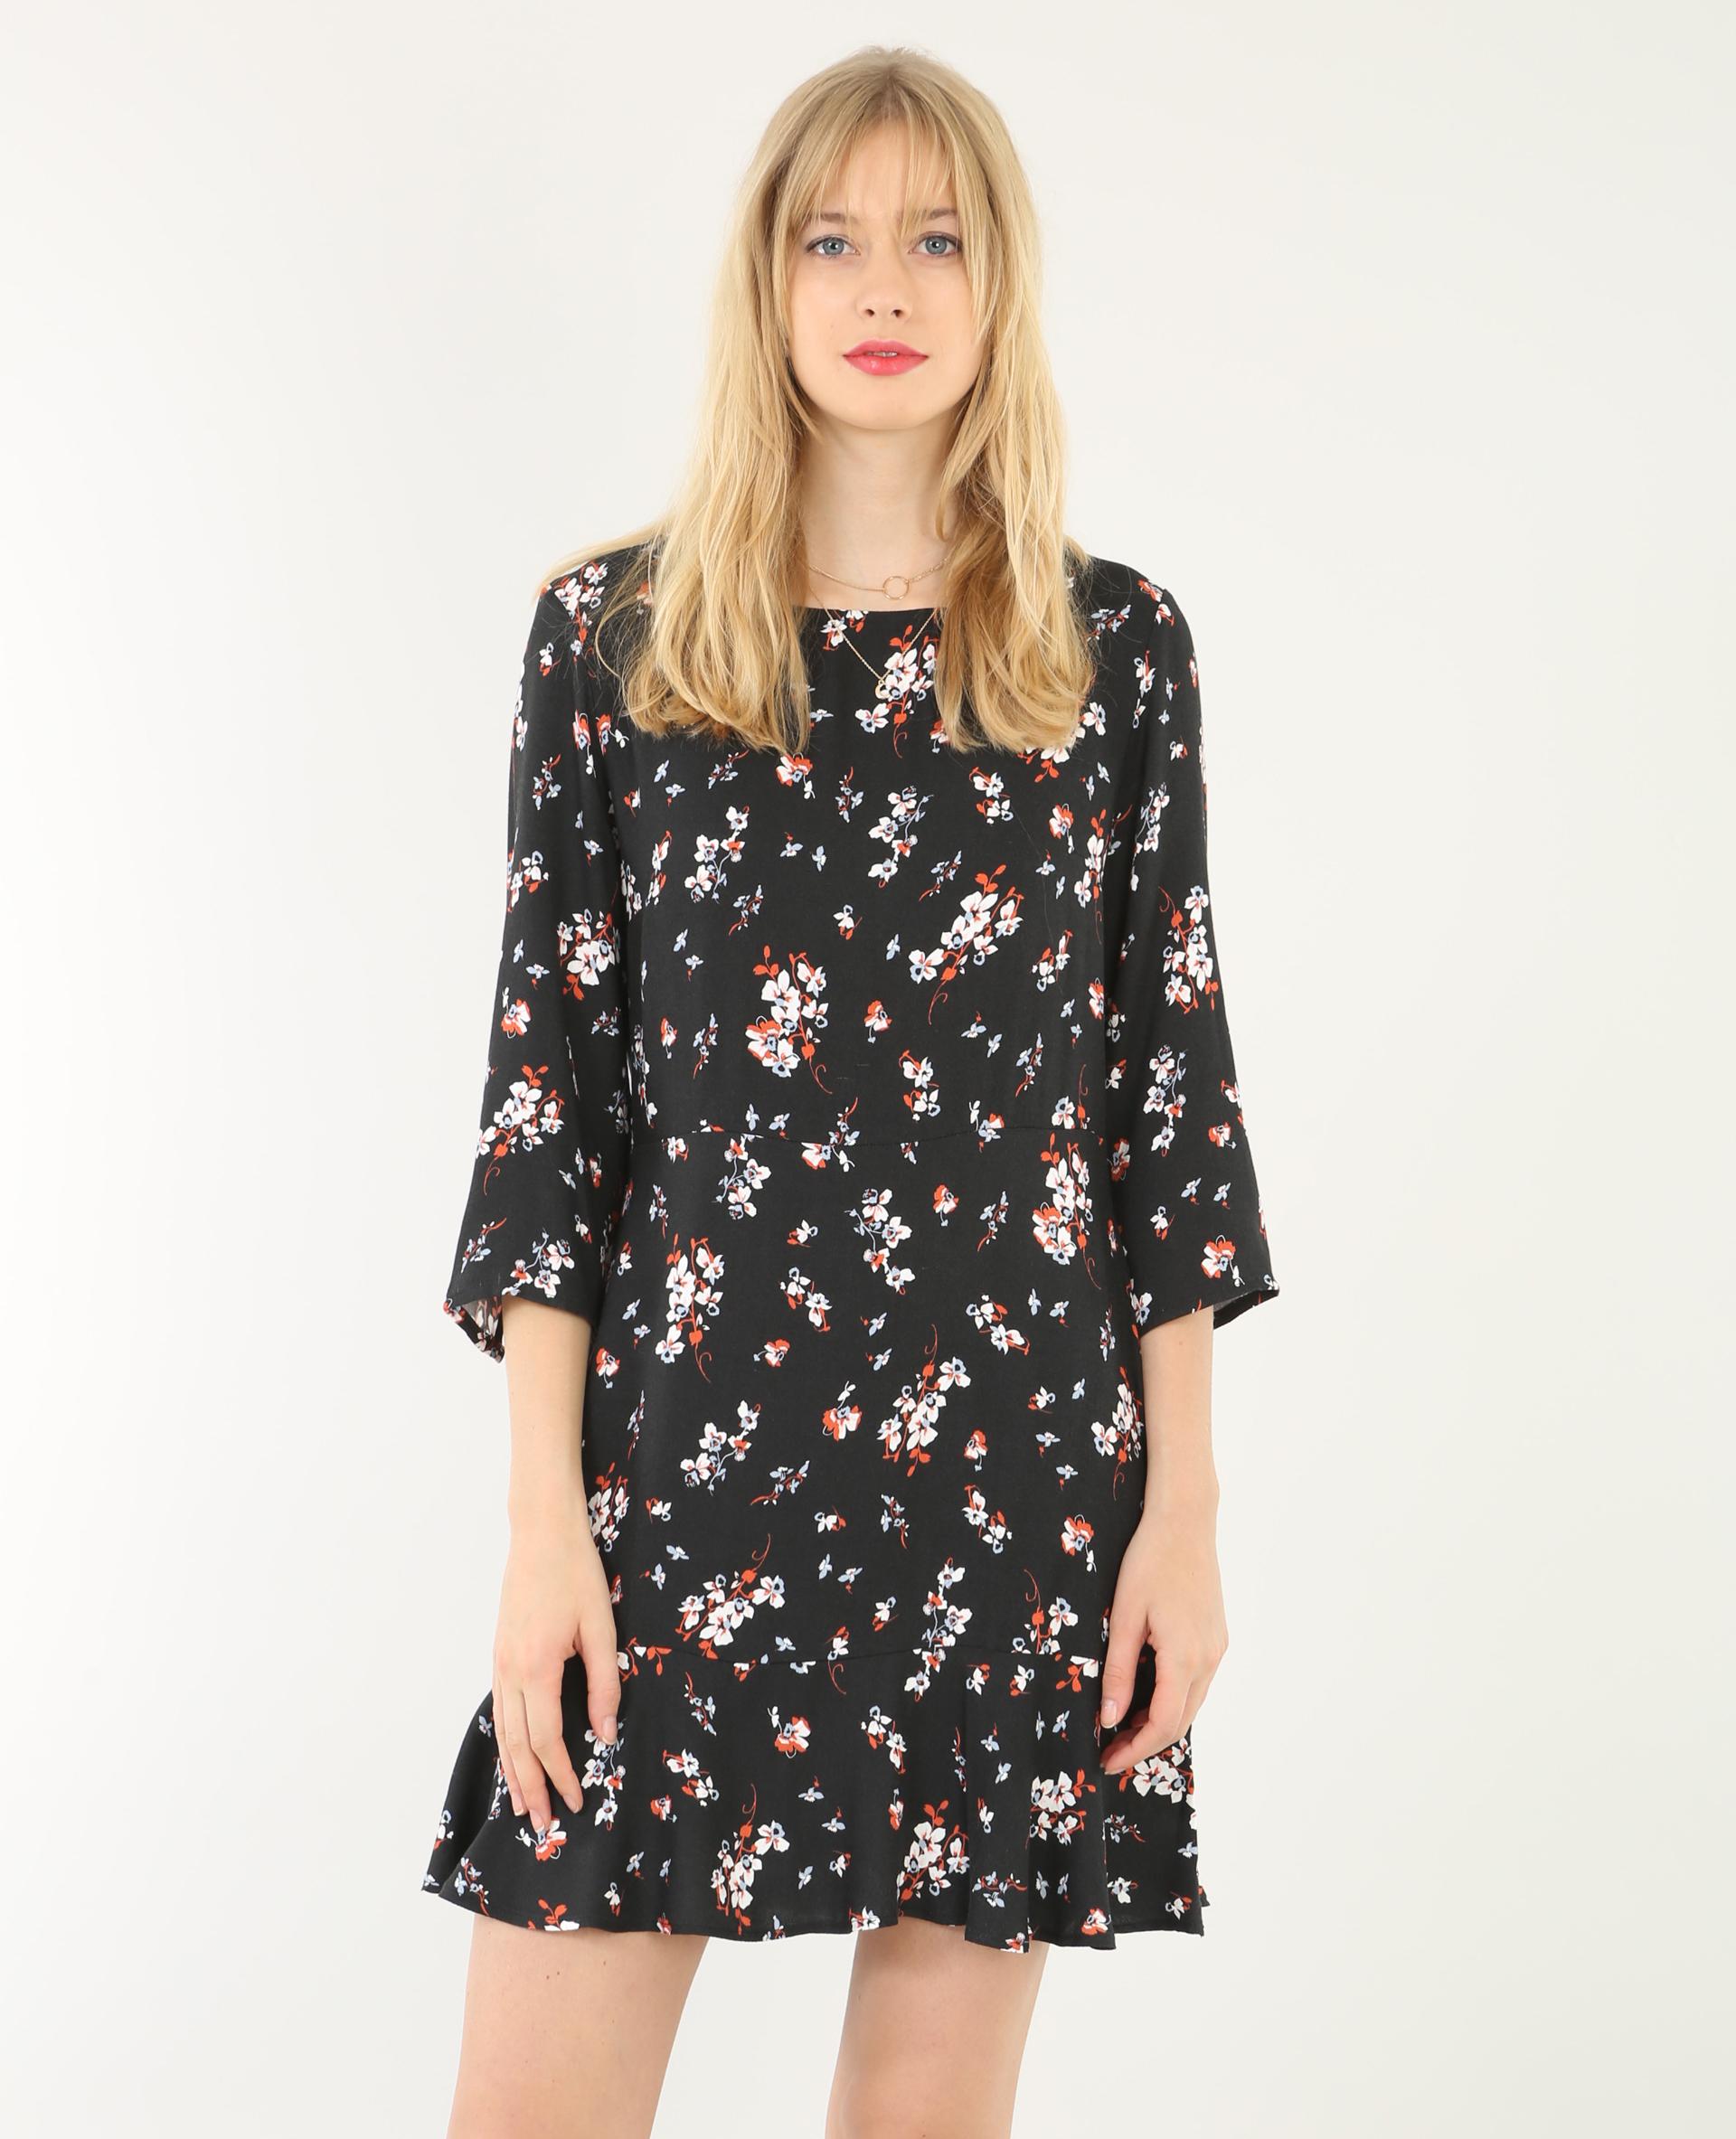 Robe fleurie noir 780543899e33 pimkie - Kleider pimkie ...